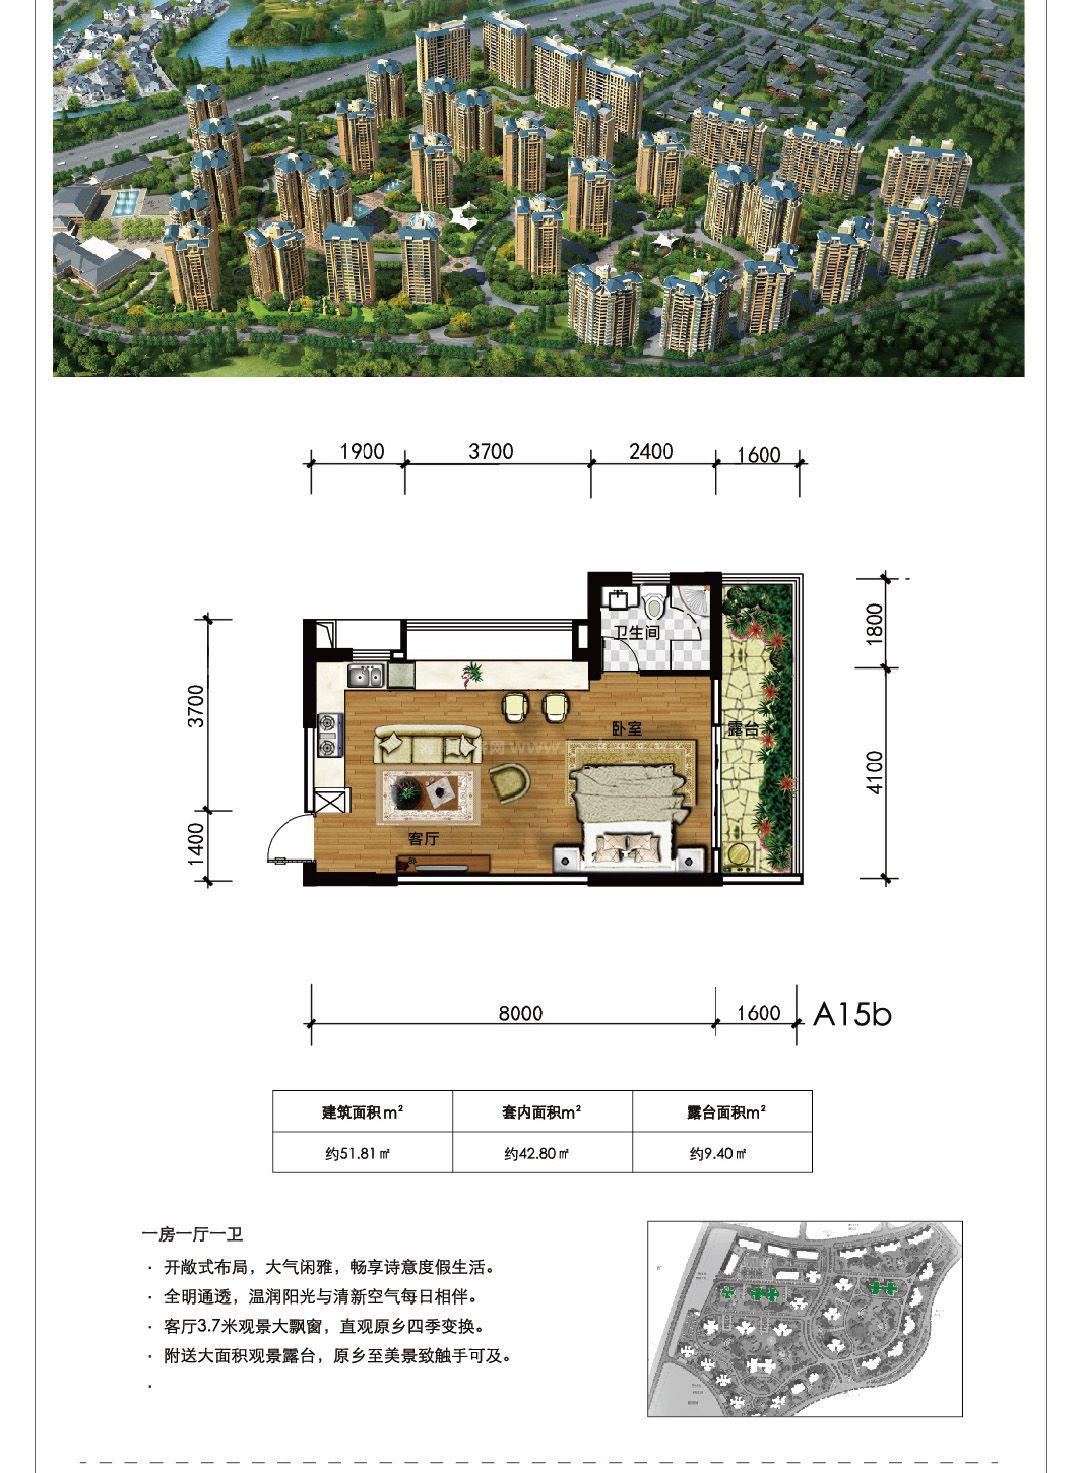 山居高黎洋房A15b户型 1室1厅1卫1厨 建筑面积:51.81㎡